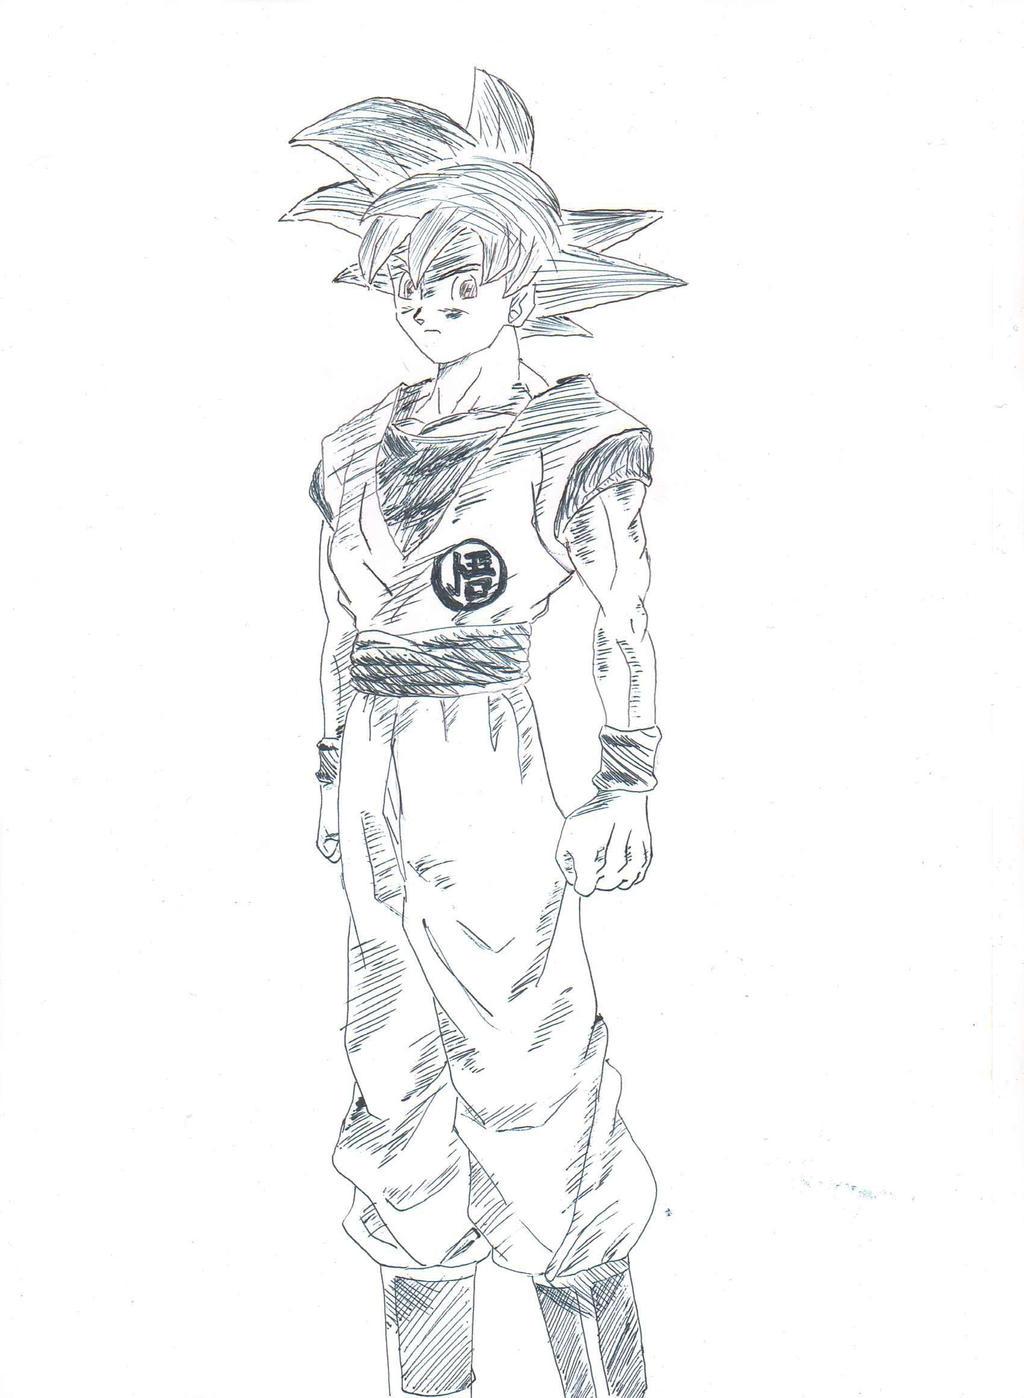 Goku Super Saiyan God by ozbushido on DeviantArt